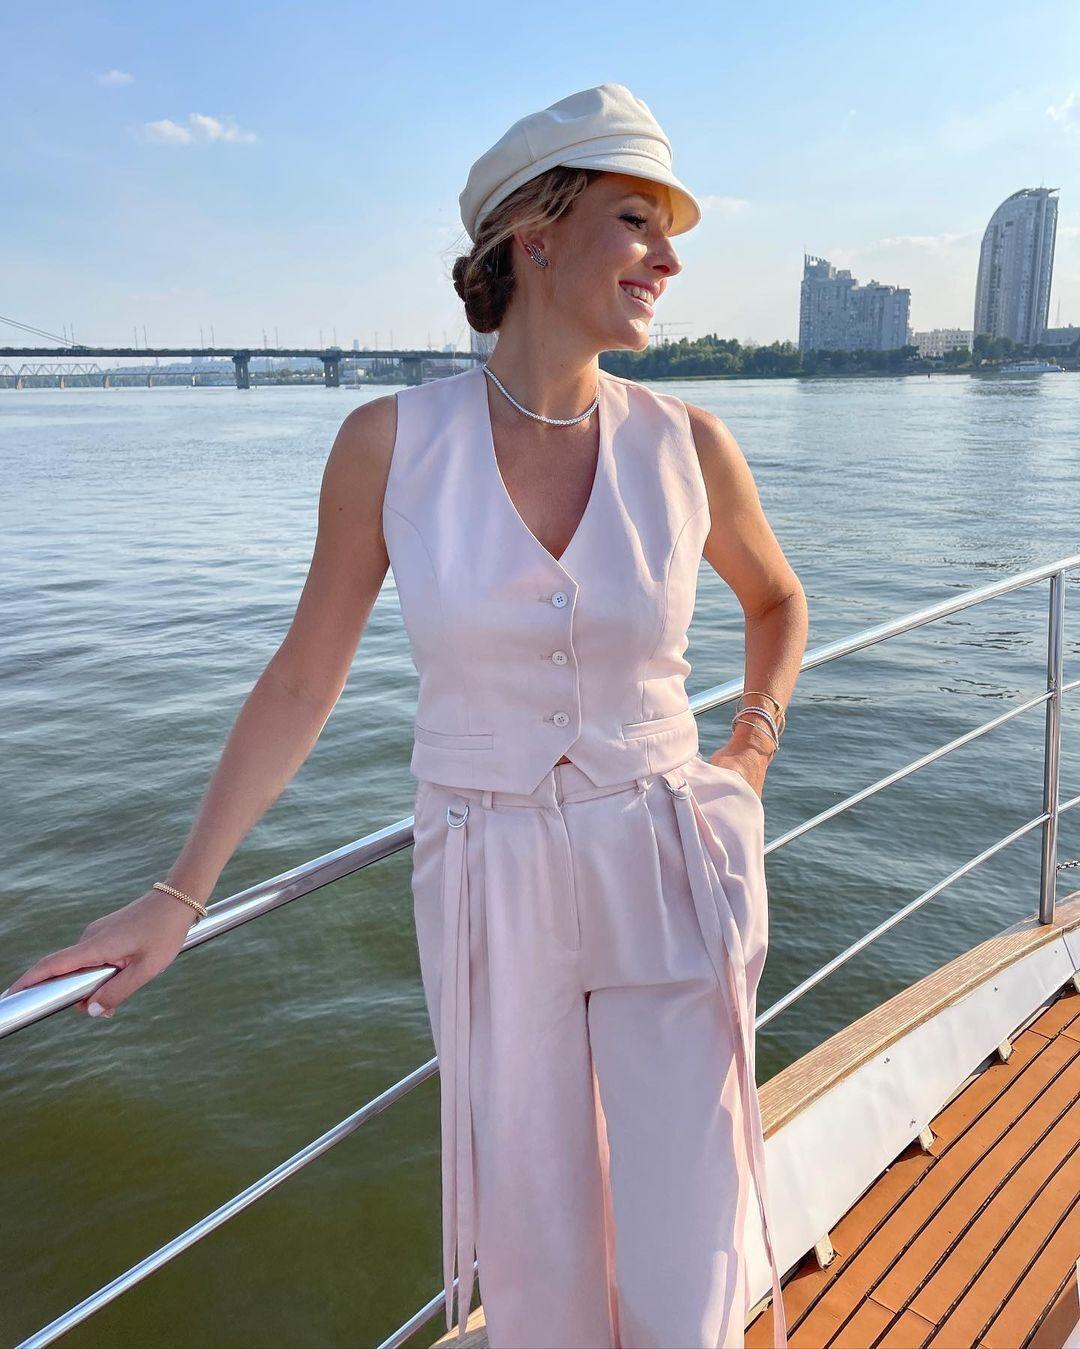 Катерина Осадчая на яхте в светлом образе.